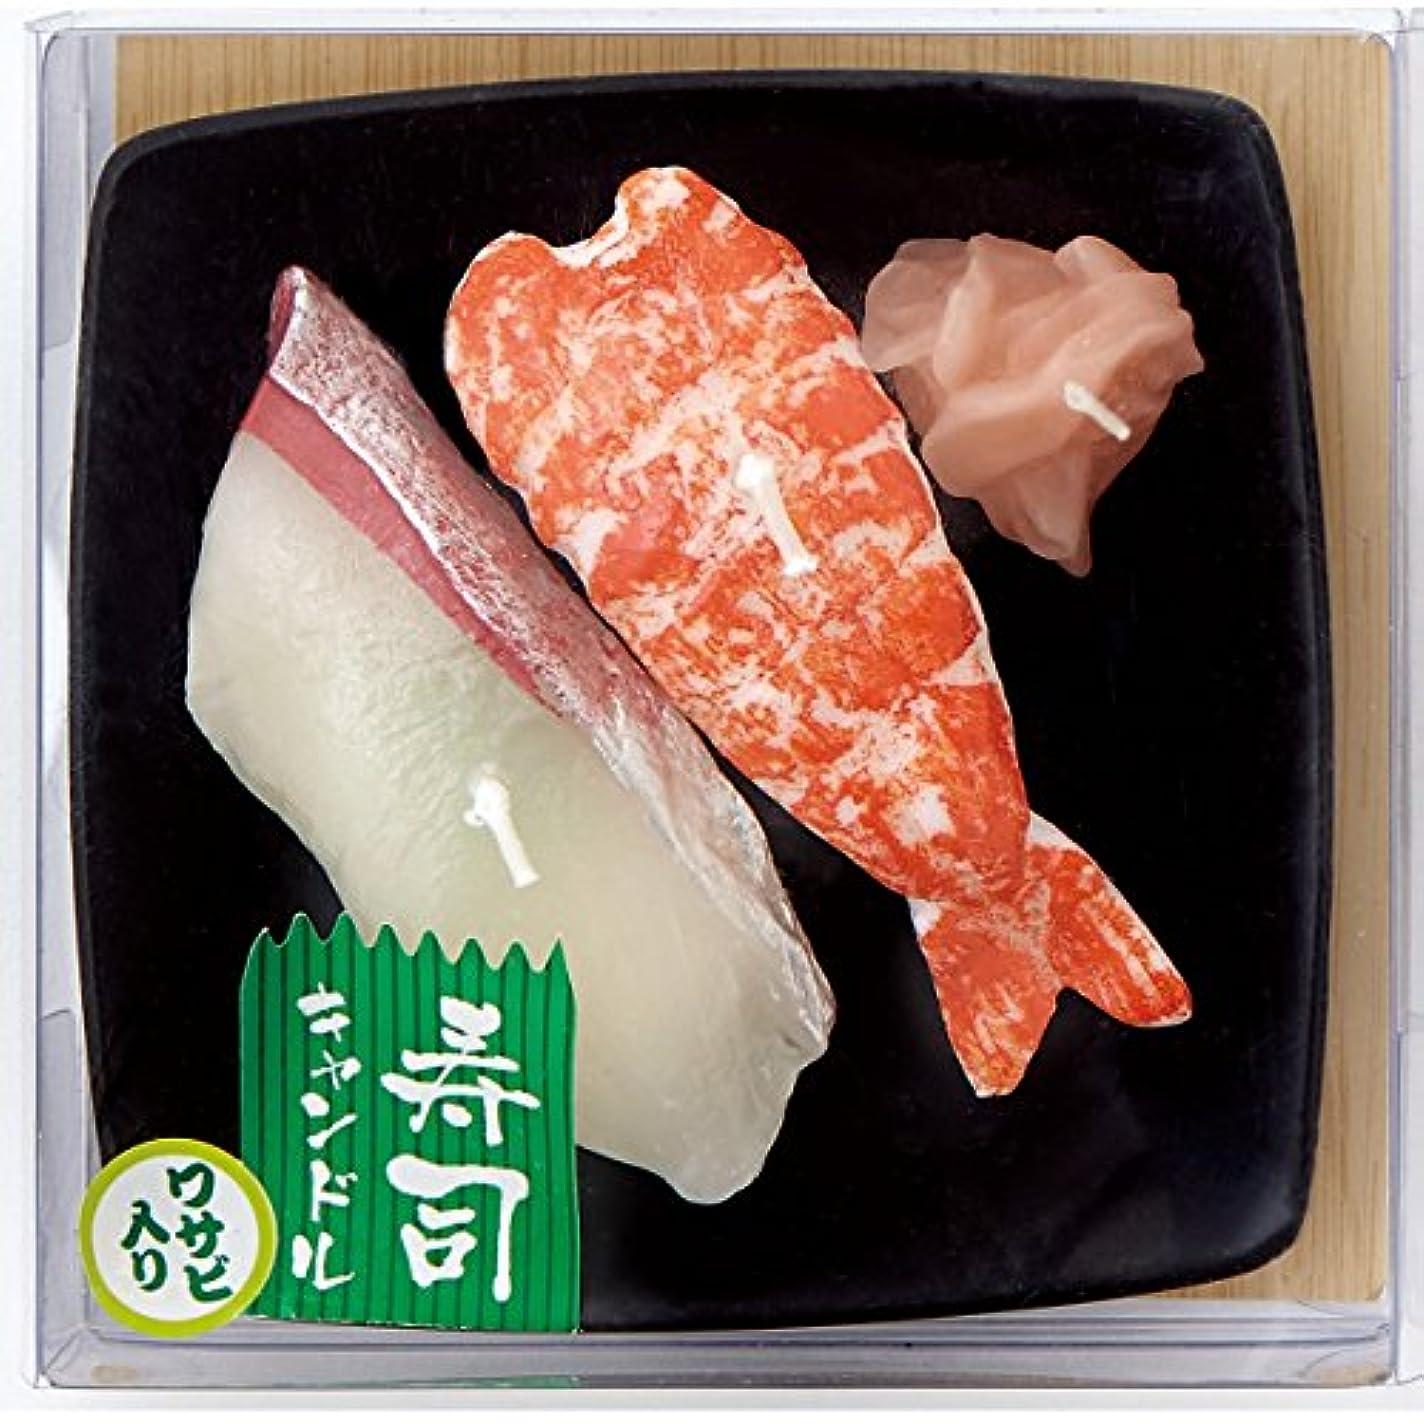 満足六膜寿司キャンドル B(エビ?ハマチ) サビ入